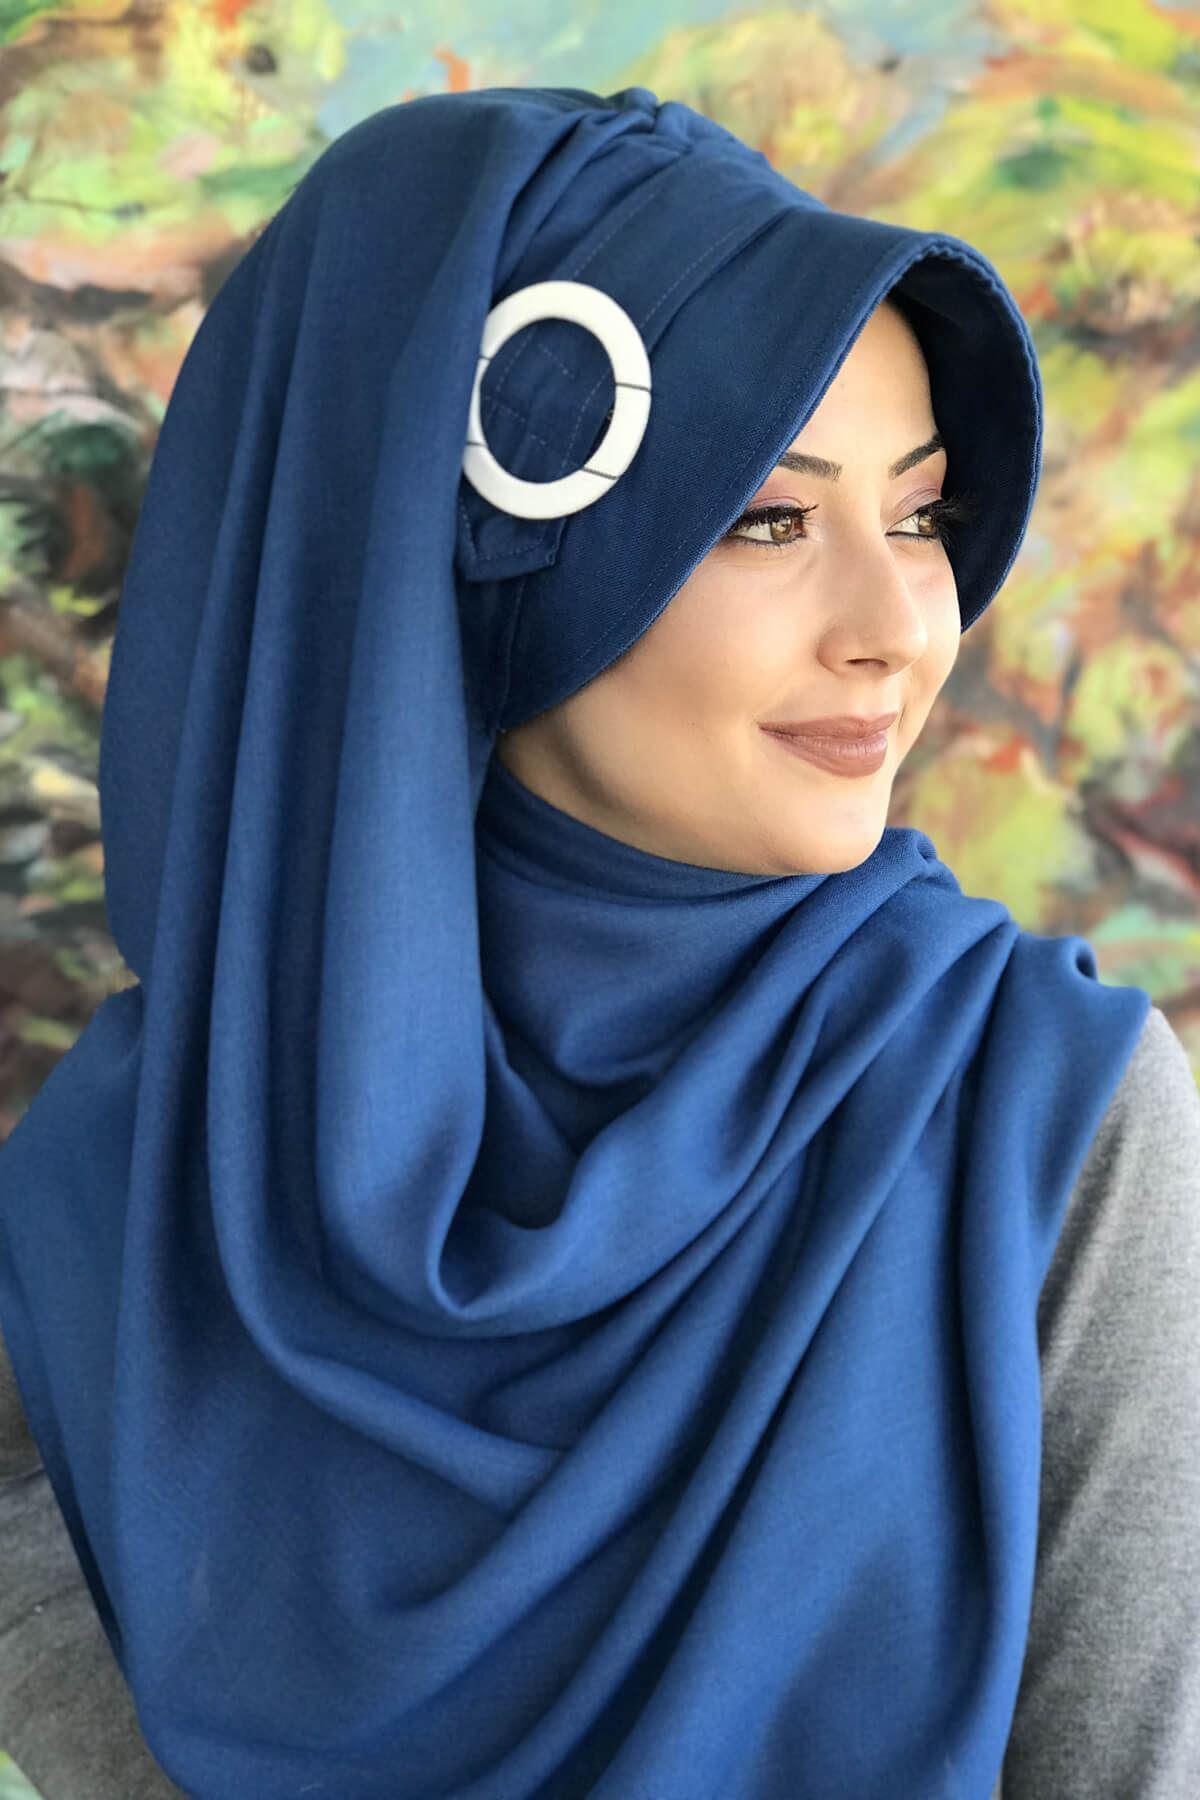 Koyu Mavi Renkli Tokalı Hazır Şapka Şal